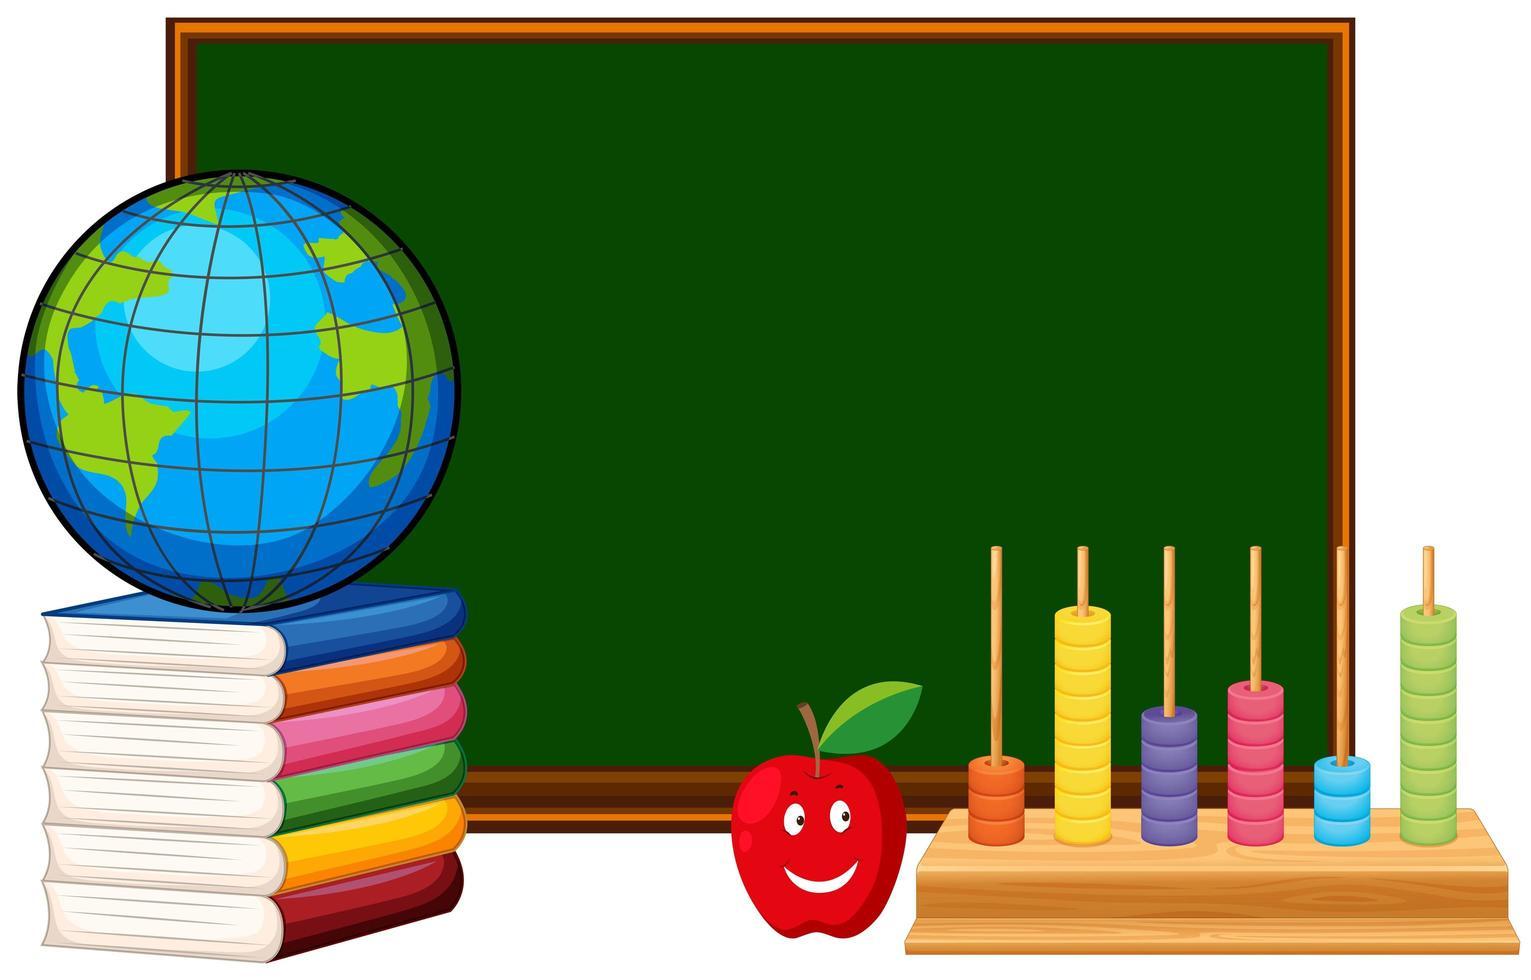 tableau noir avec globe et fond de matériel éducatif vecteur